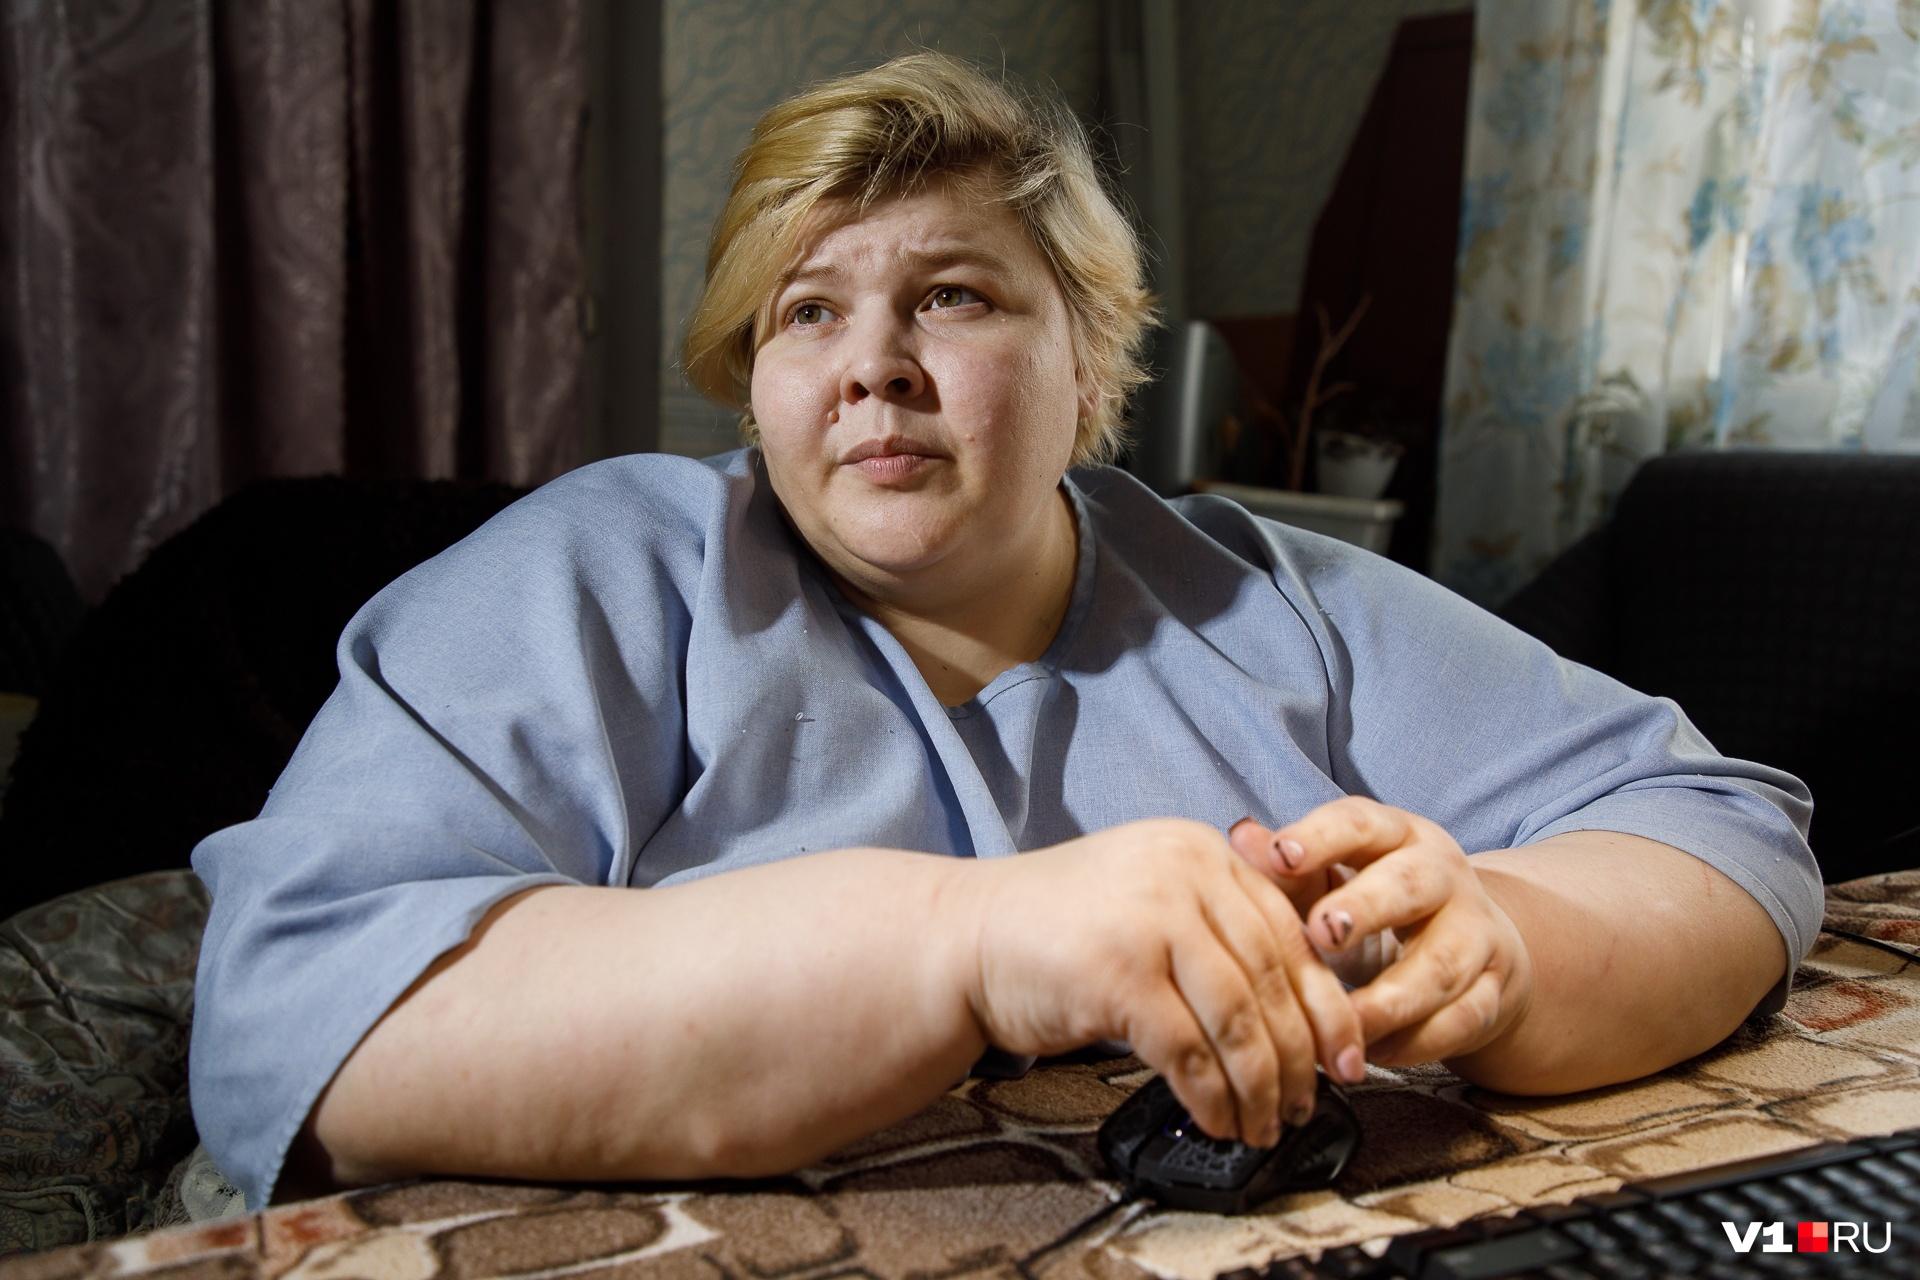 Наталья Руденко с самого детства стала набирать лишний вес